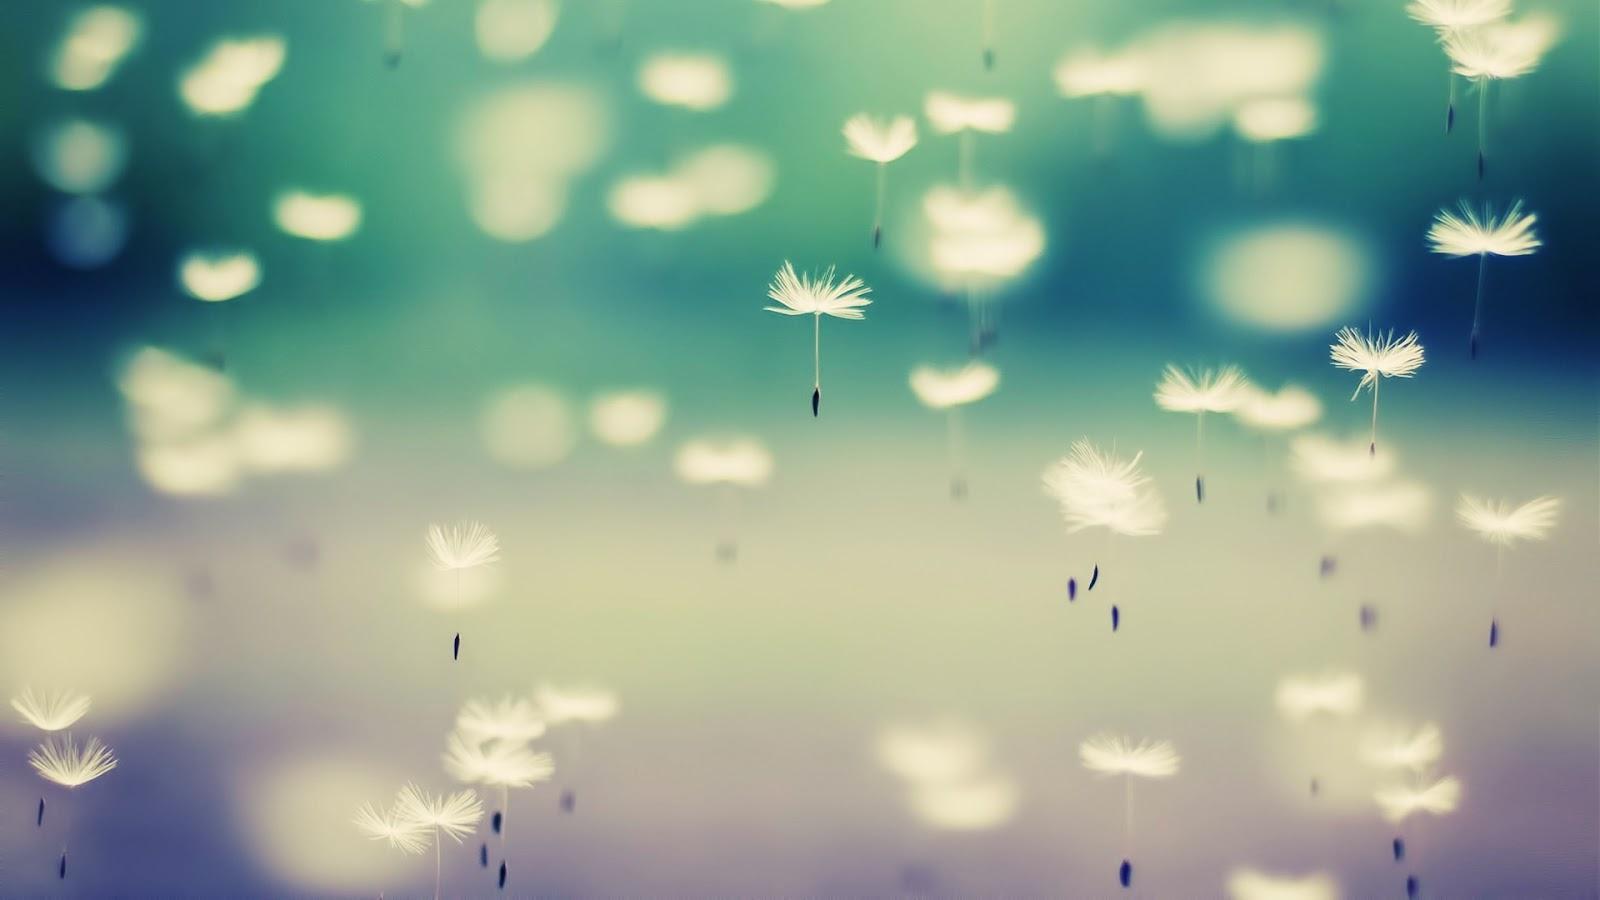 Free Falling In Love Wallpaper Dandelion Flying Seeds Mystery Wallpaper